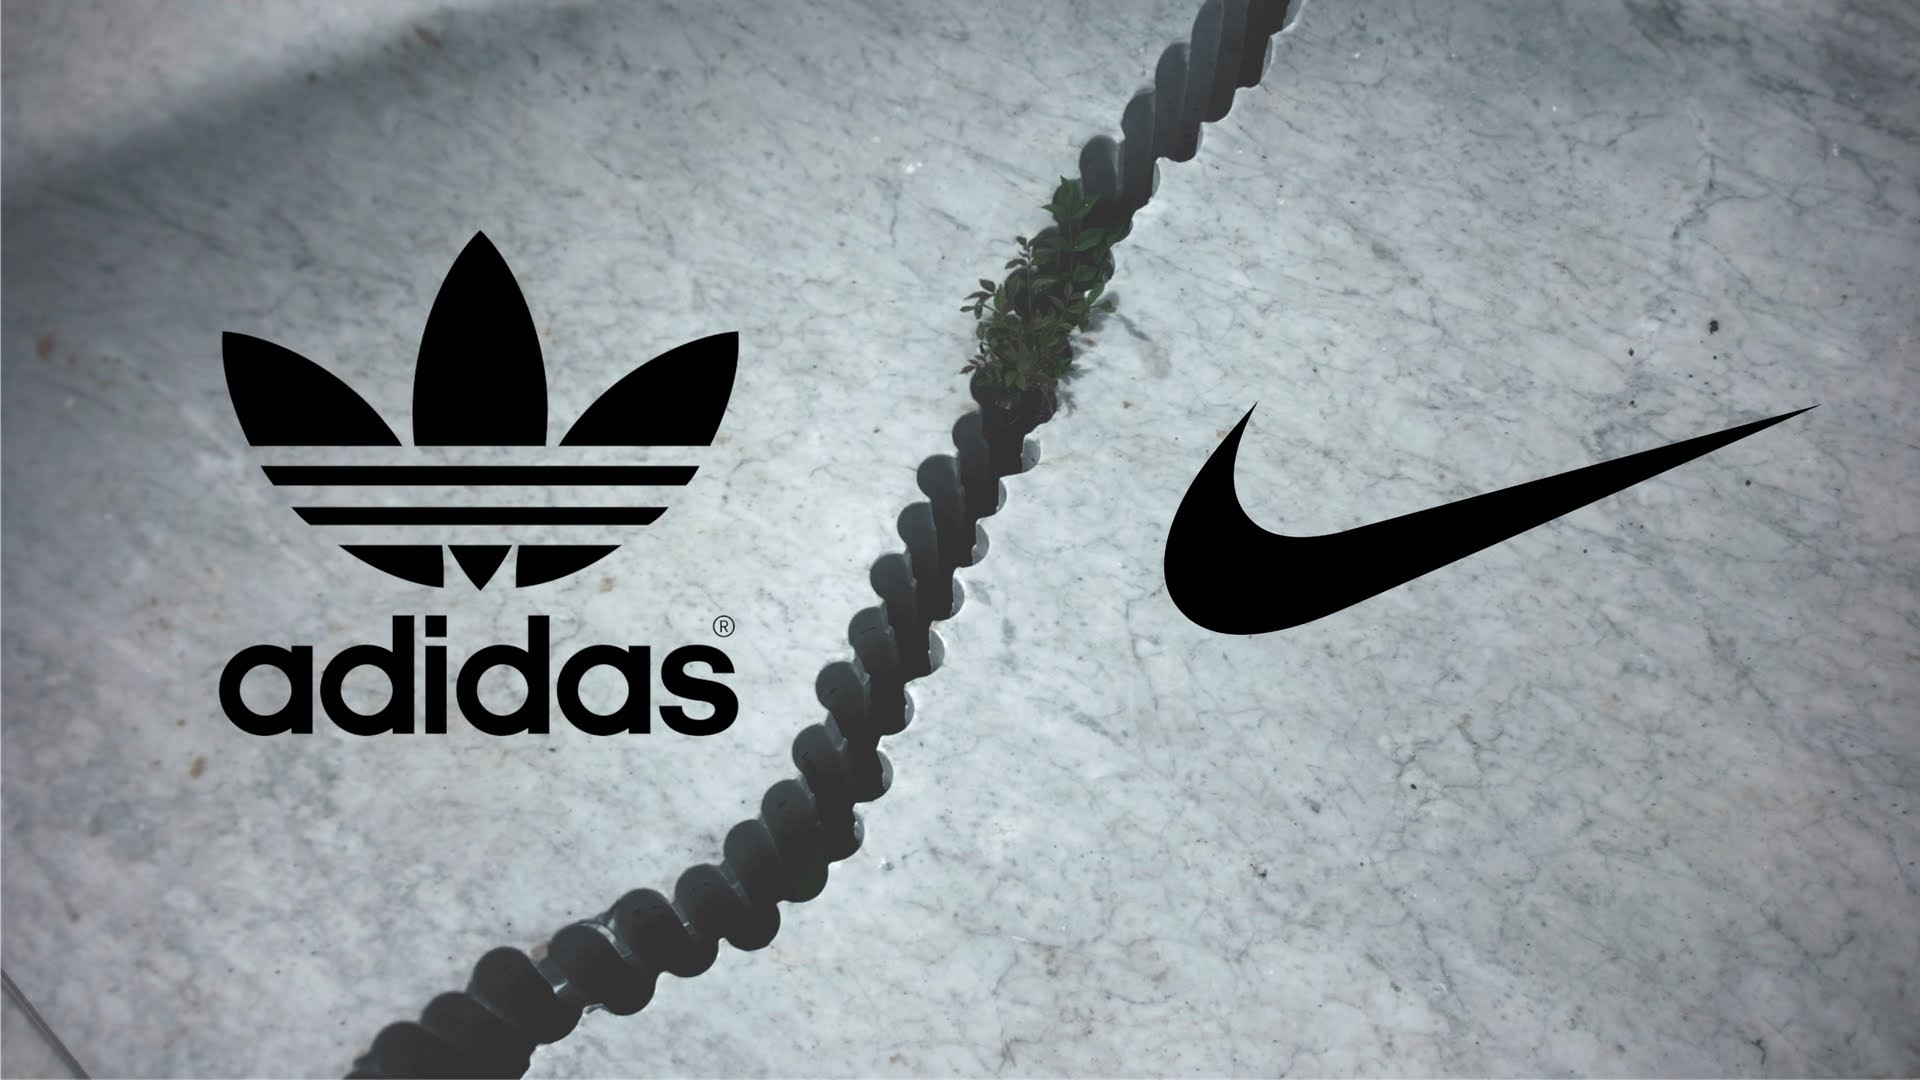 cool adidas backgrounds. adidas logo black background